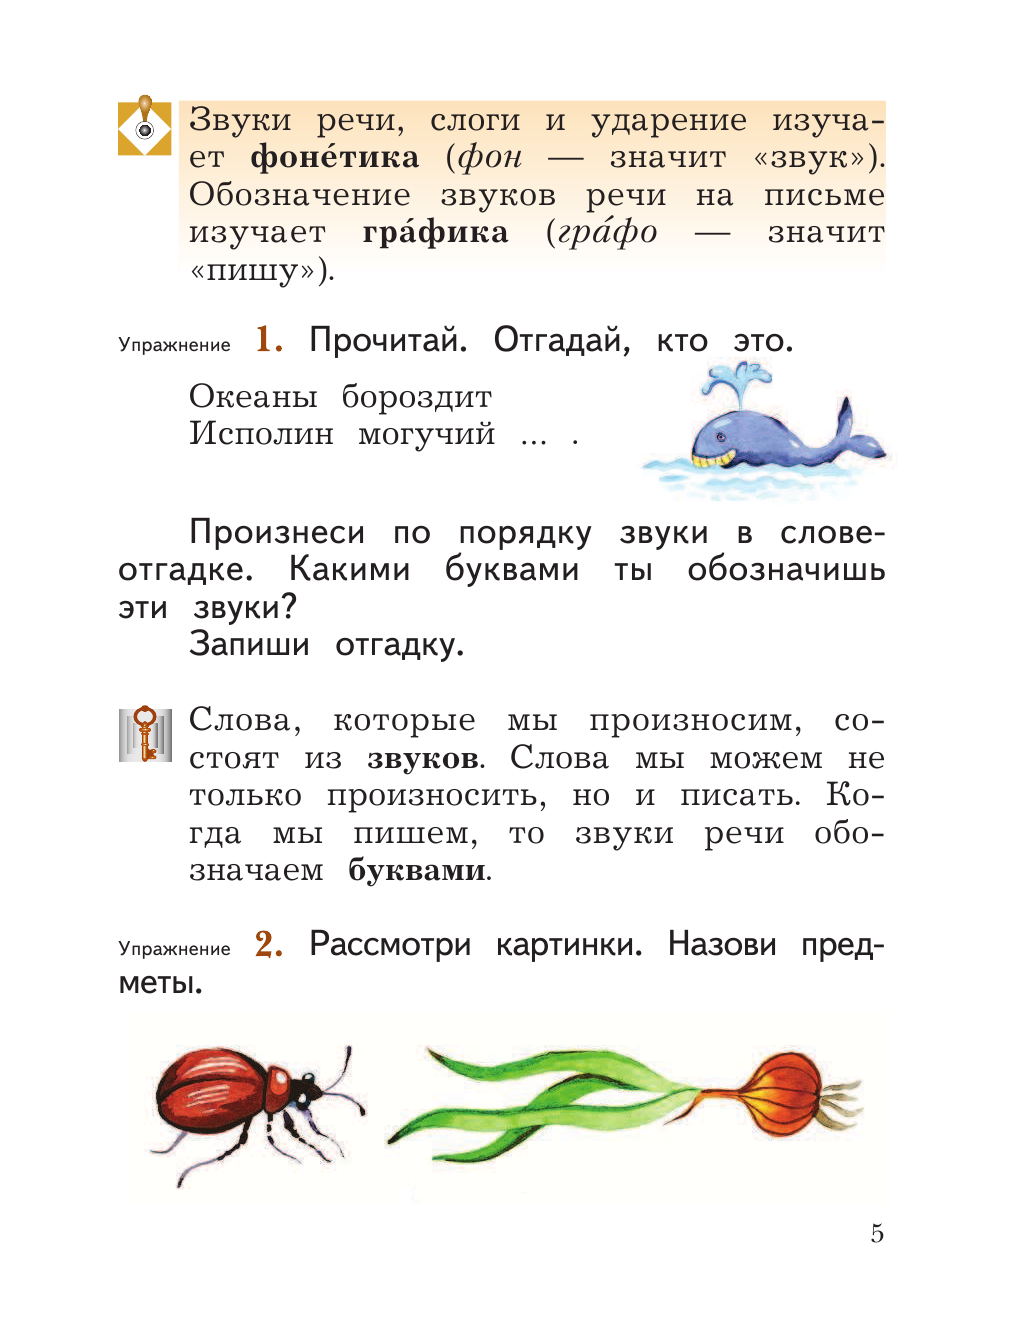 Кузнецова 2 решебник петленко романова по класс иванов языку евдокимова часть 3 русскому